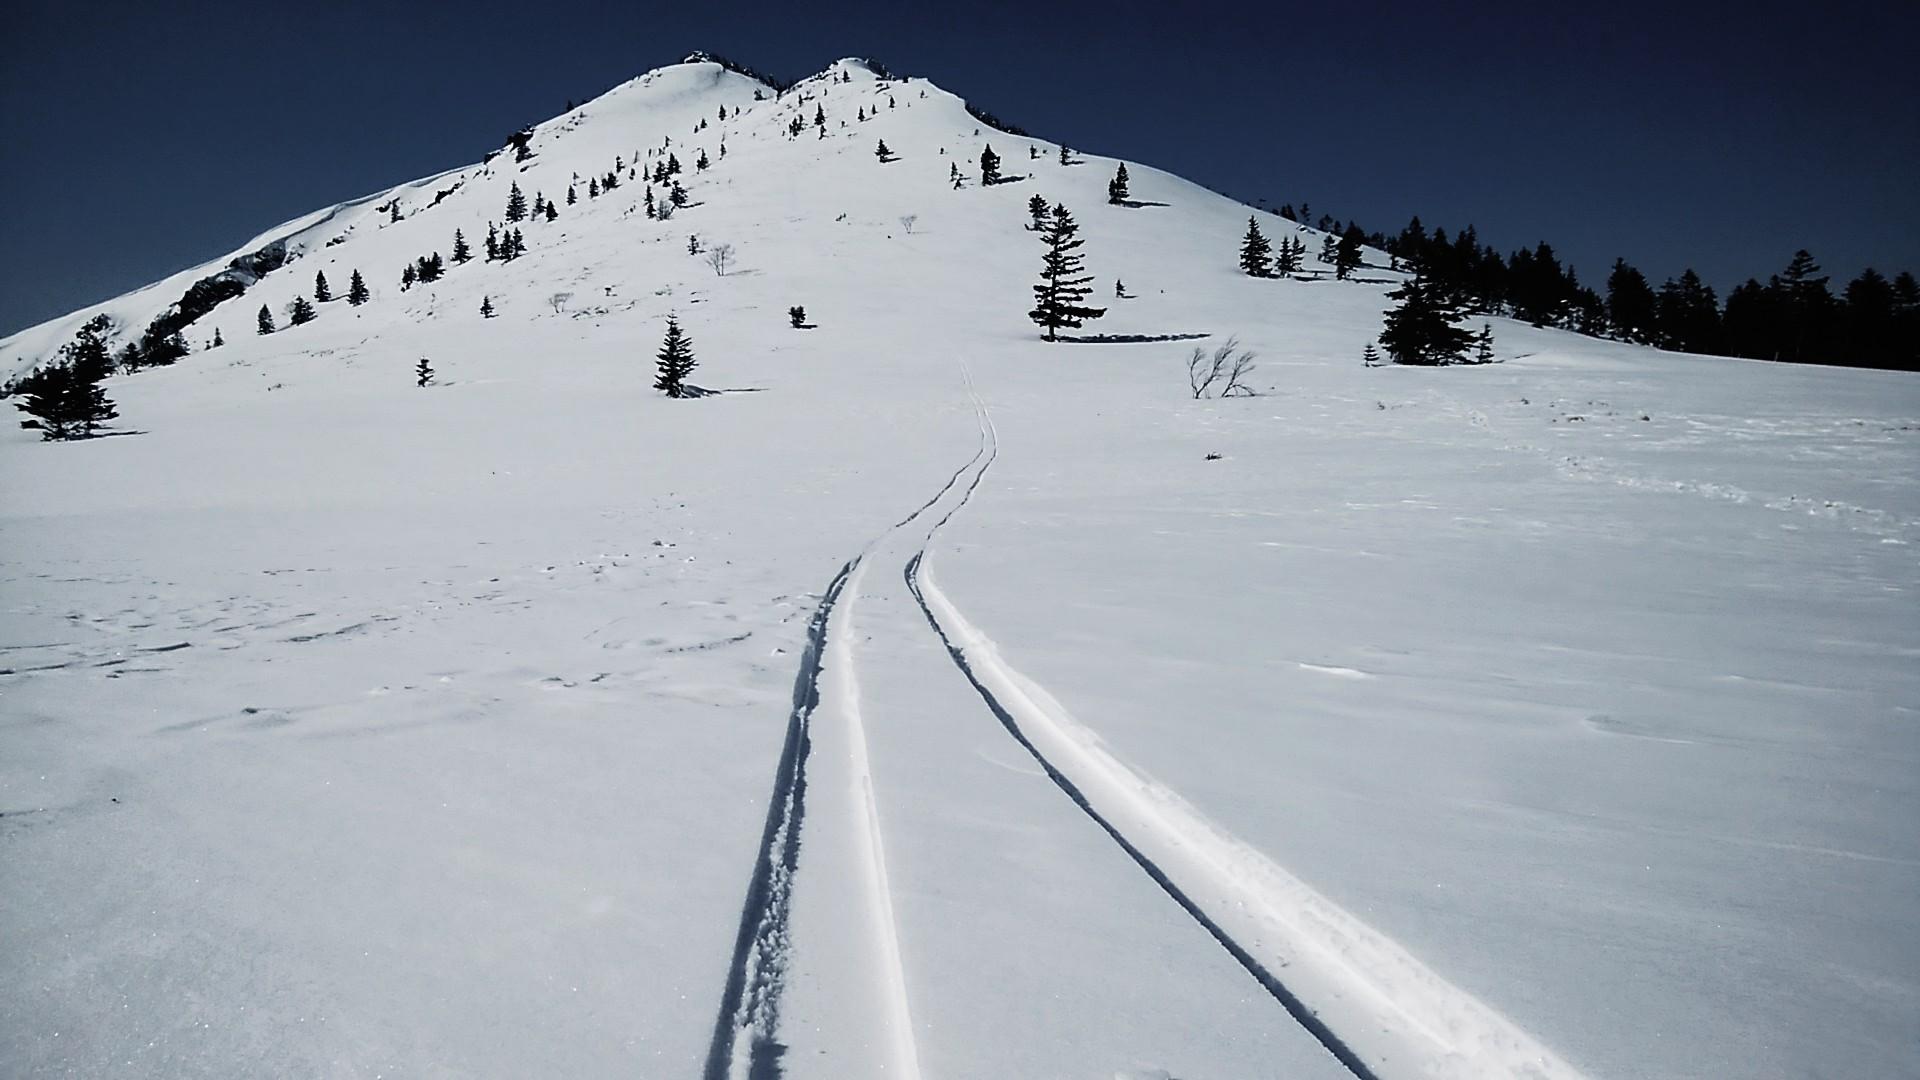 スキー?スノーシュー?ツボあし?。冬の快適登山のためには様々な選択肢をもつべきであり、それがリスク軽減にもつながる